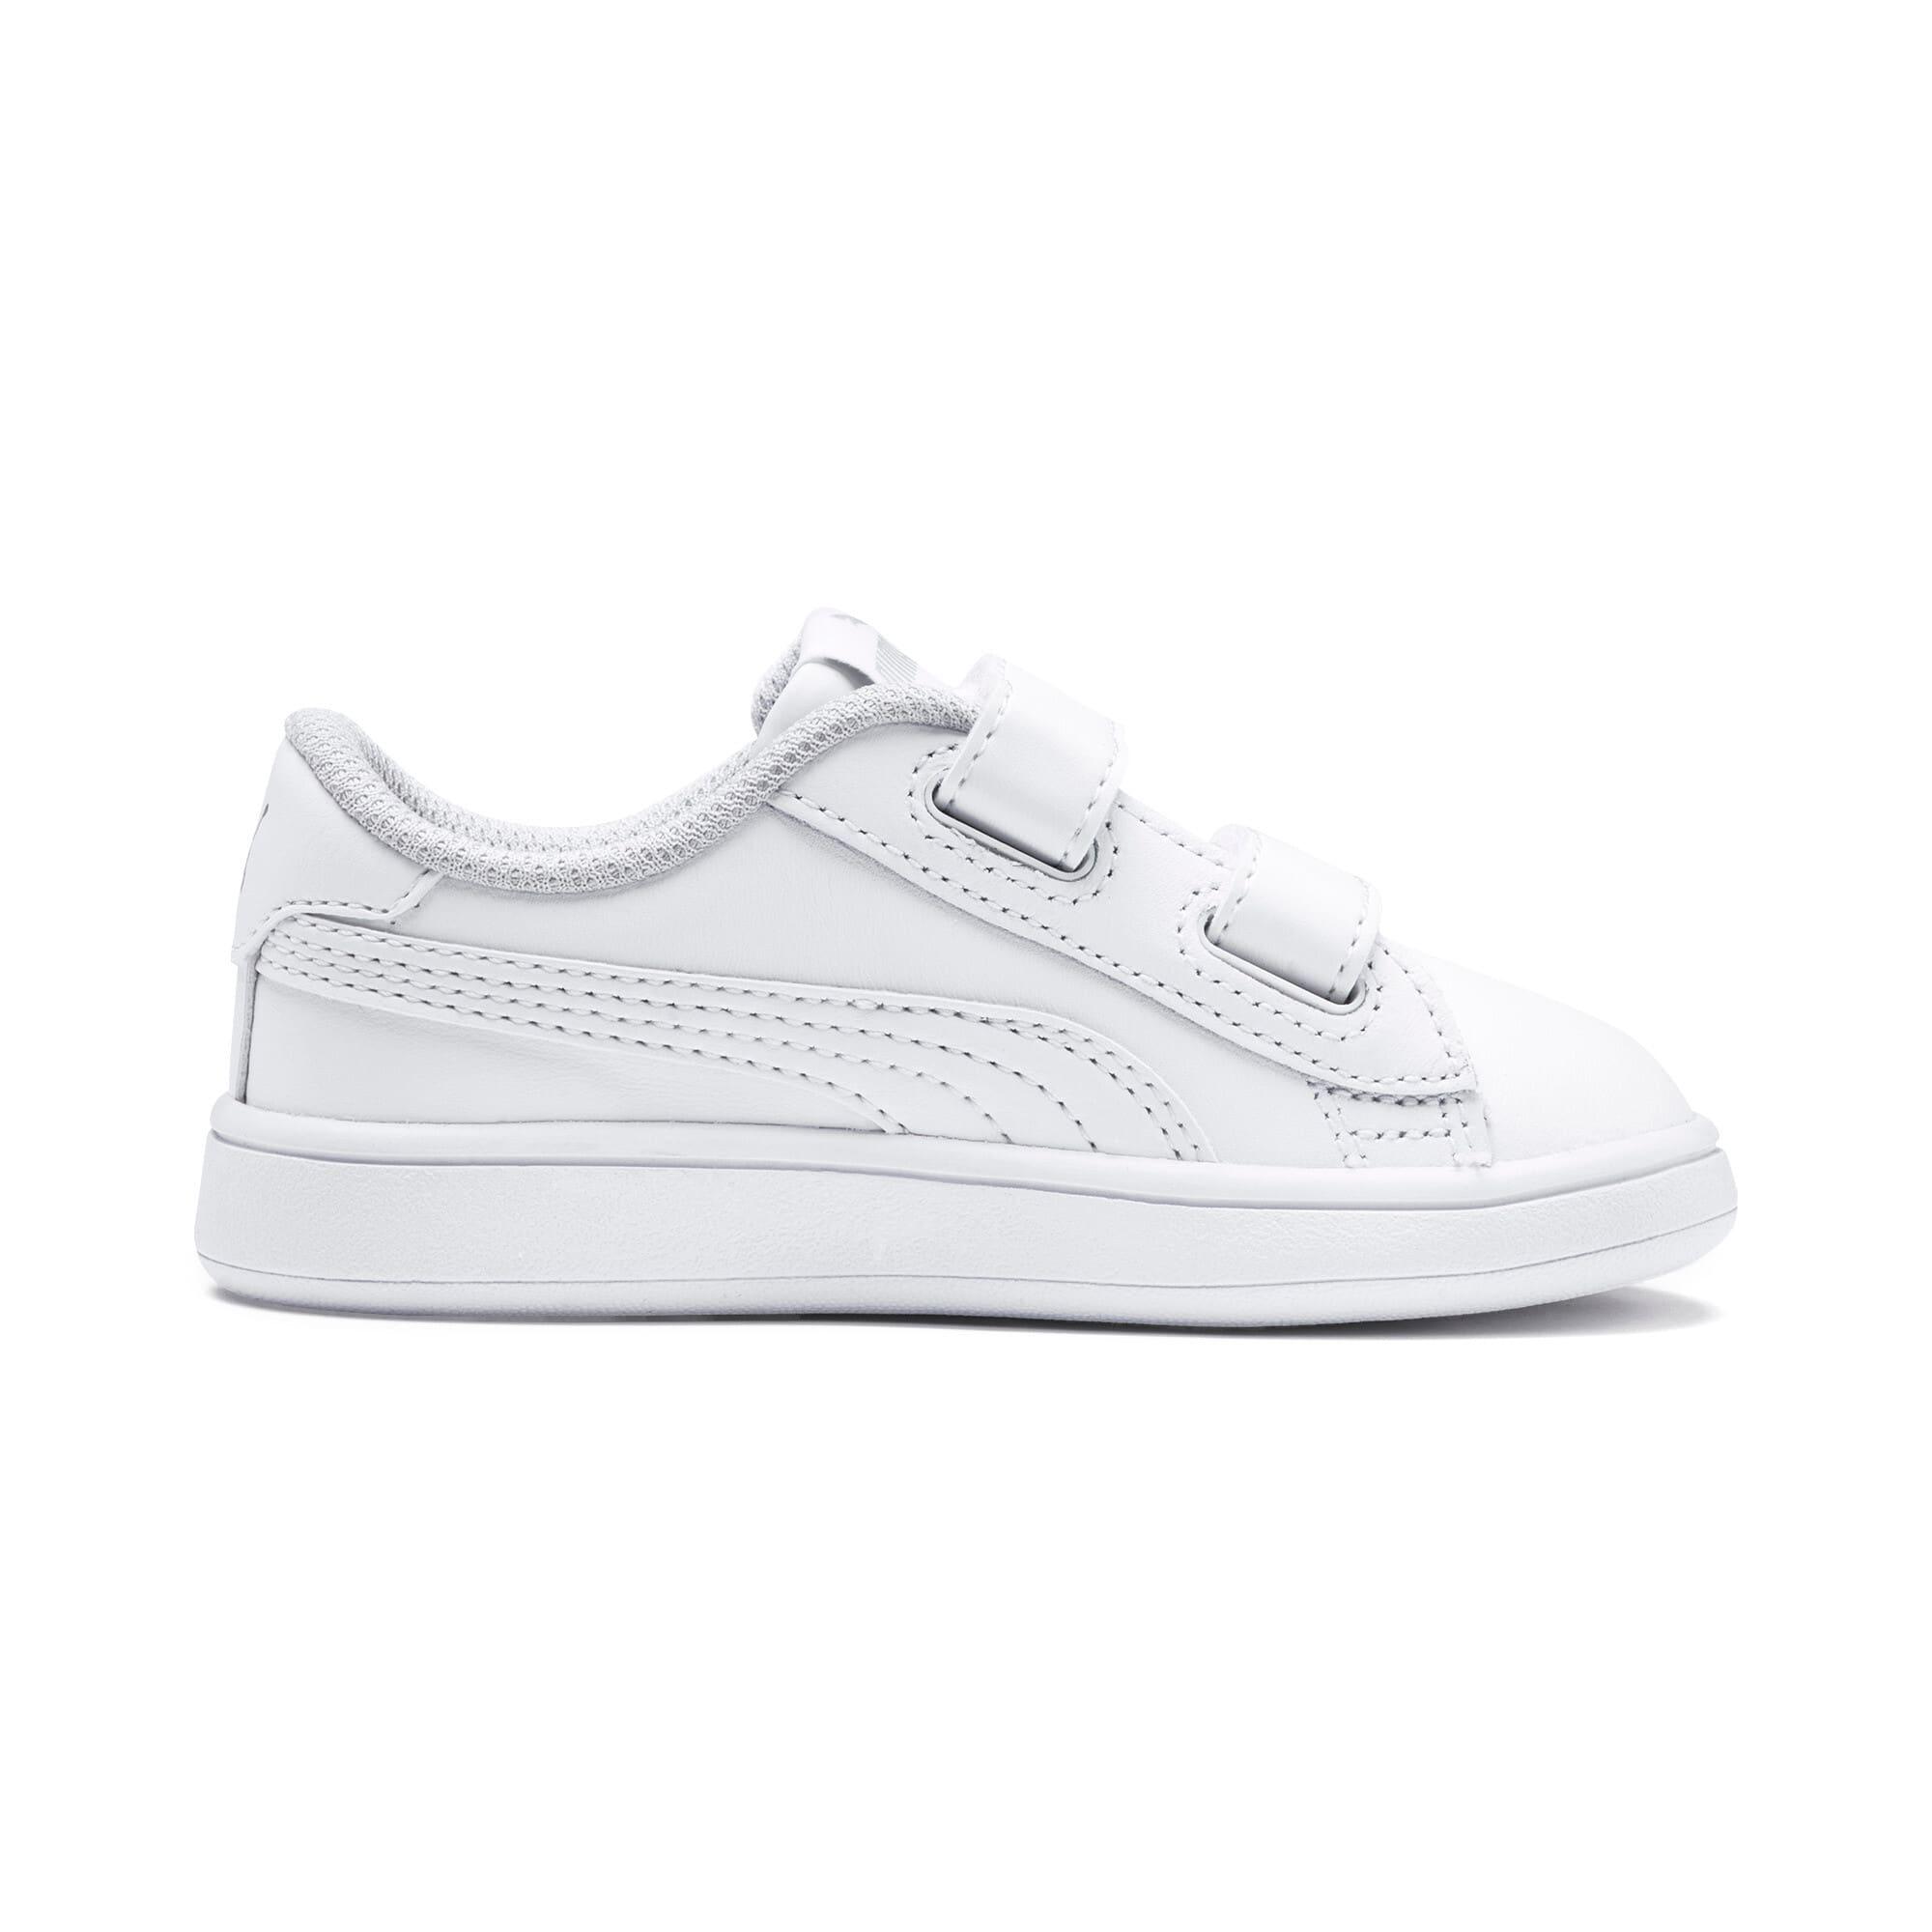 Thumbnail 5 of Puma Smash v2 L V Toddler Shoes, Puma White-Puma White, medium